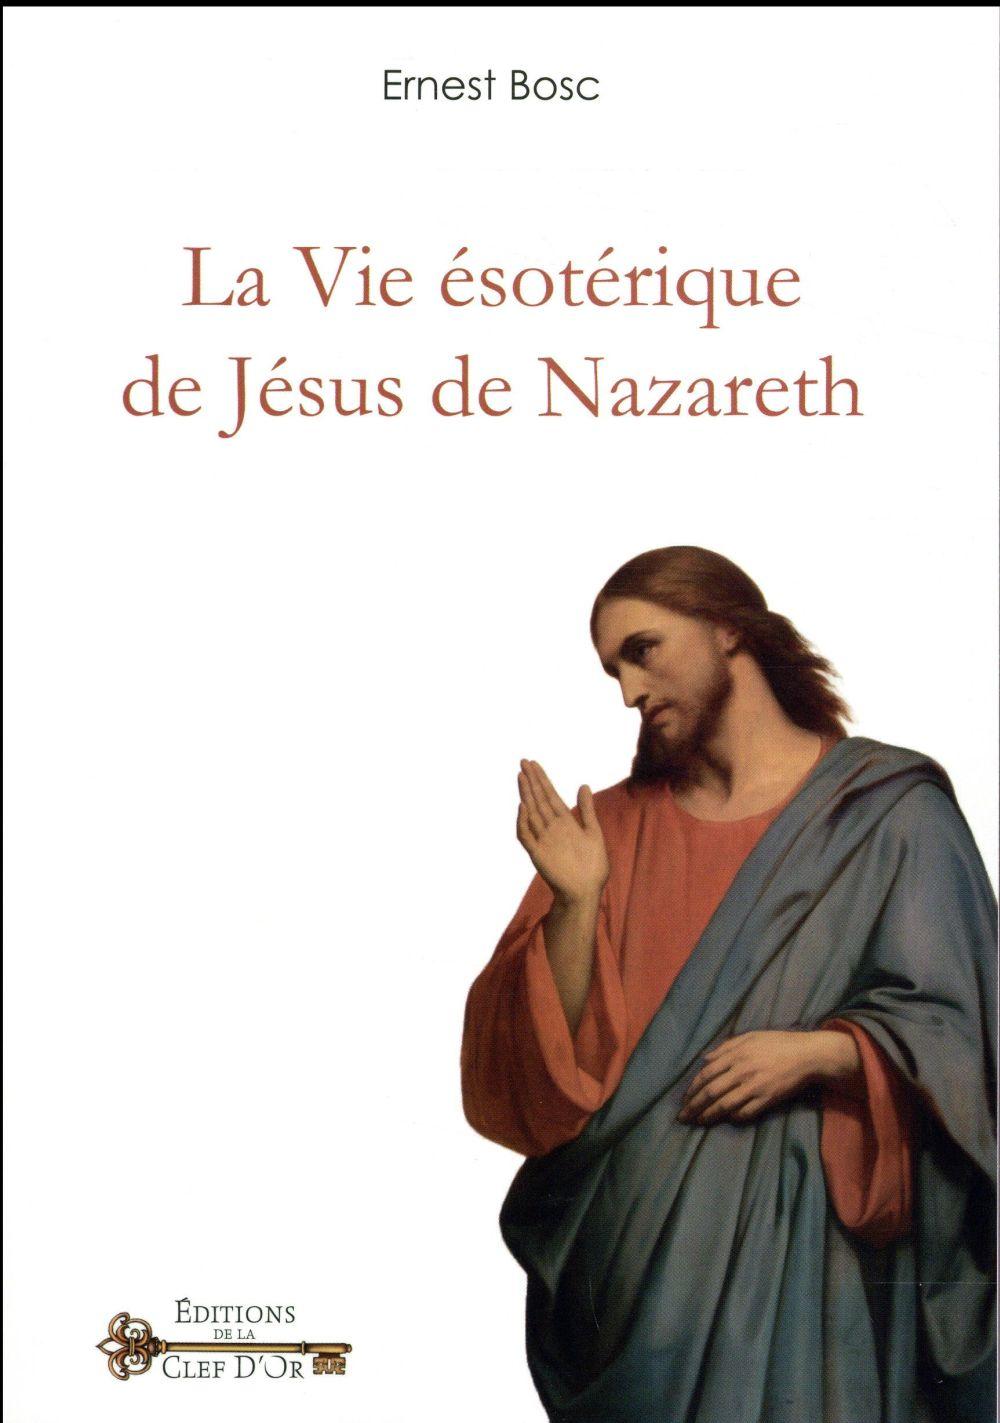 LA VIE ESOTERIQUE DE JESUS DE NAZARETH